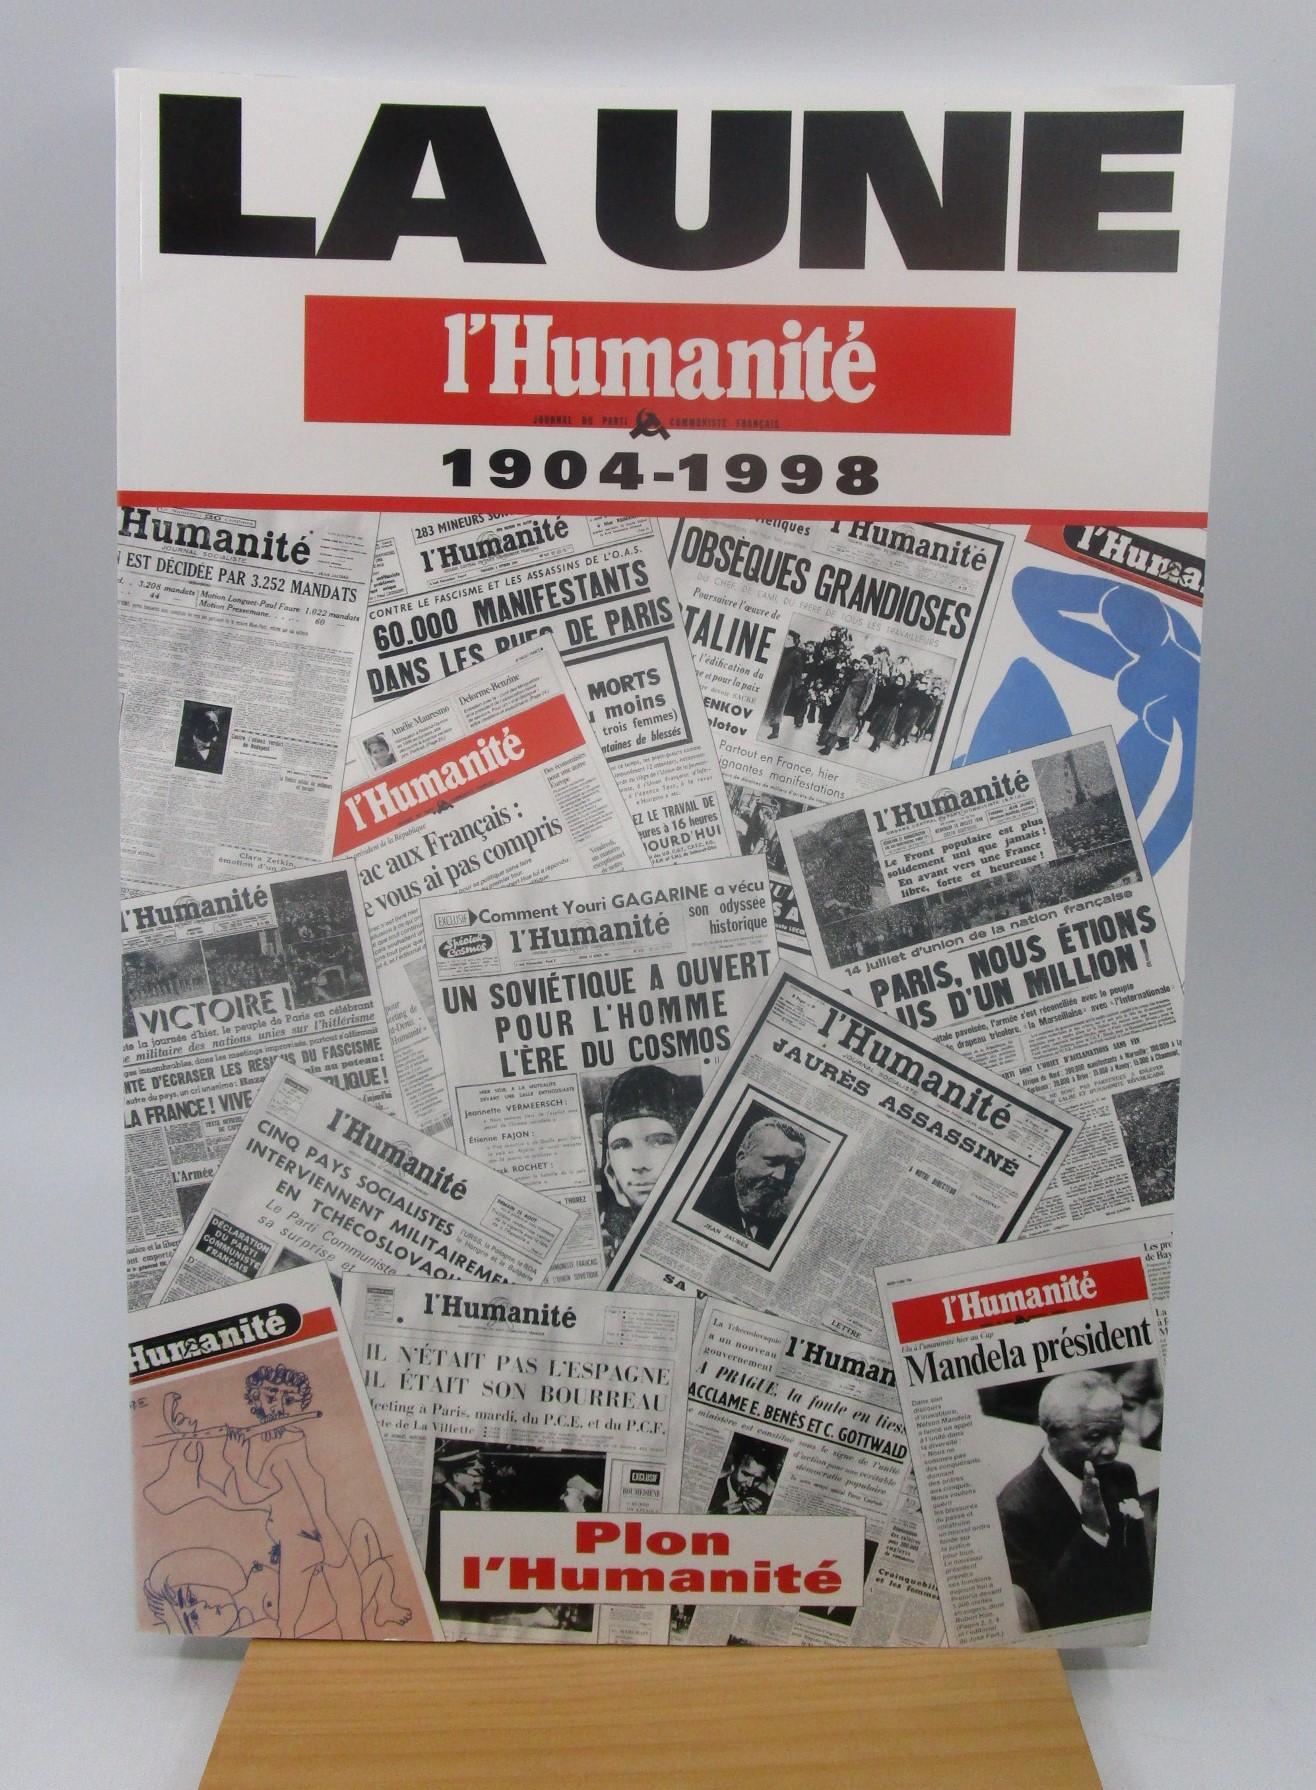 Image for La une : L'Humanit, 1904-1998